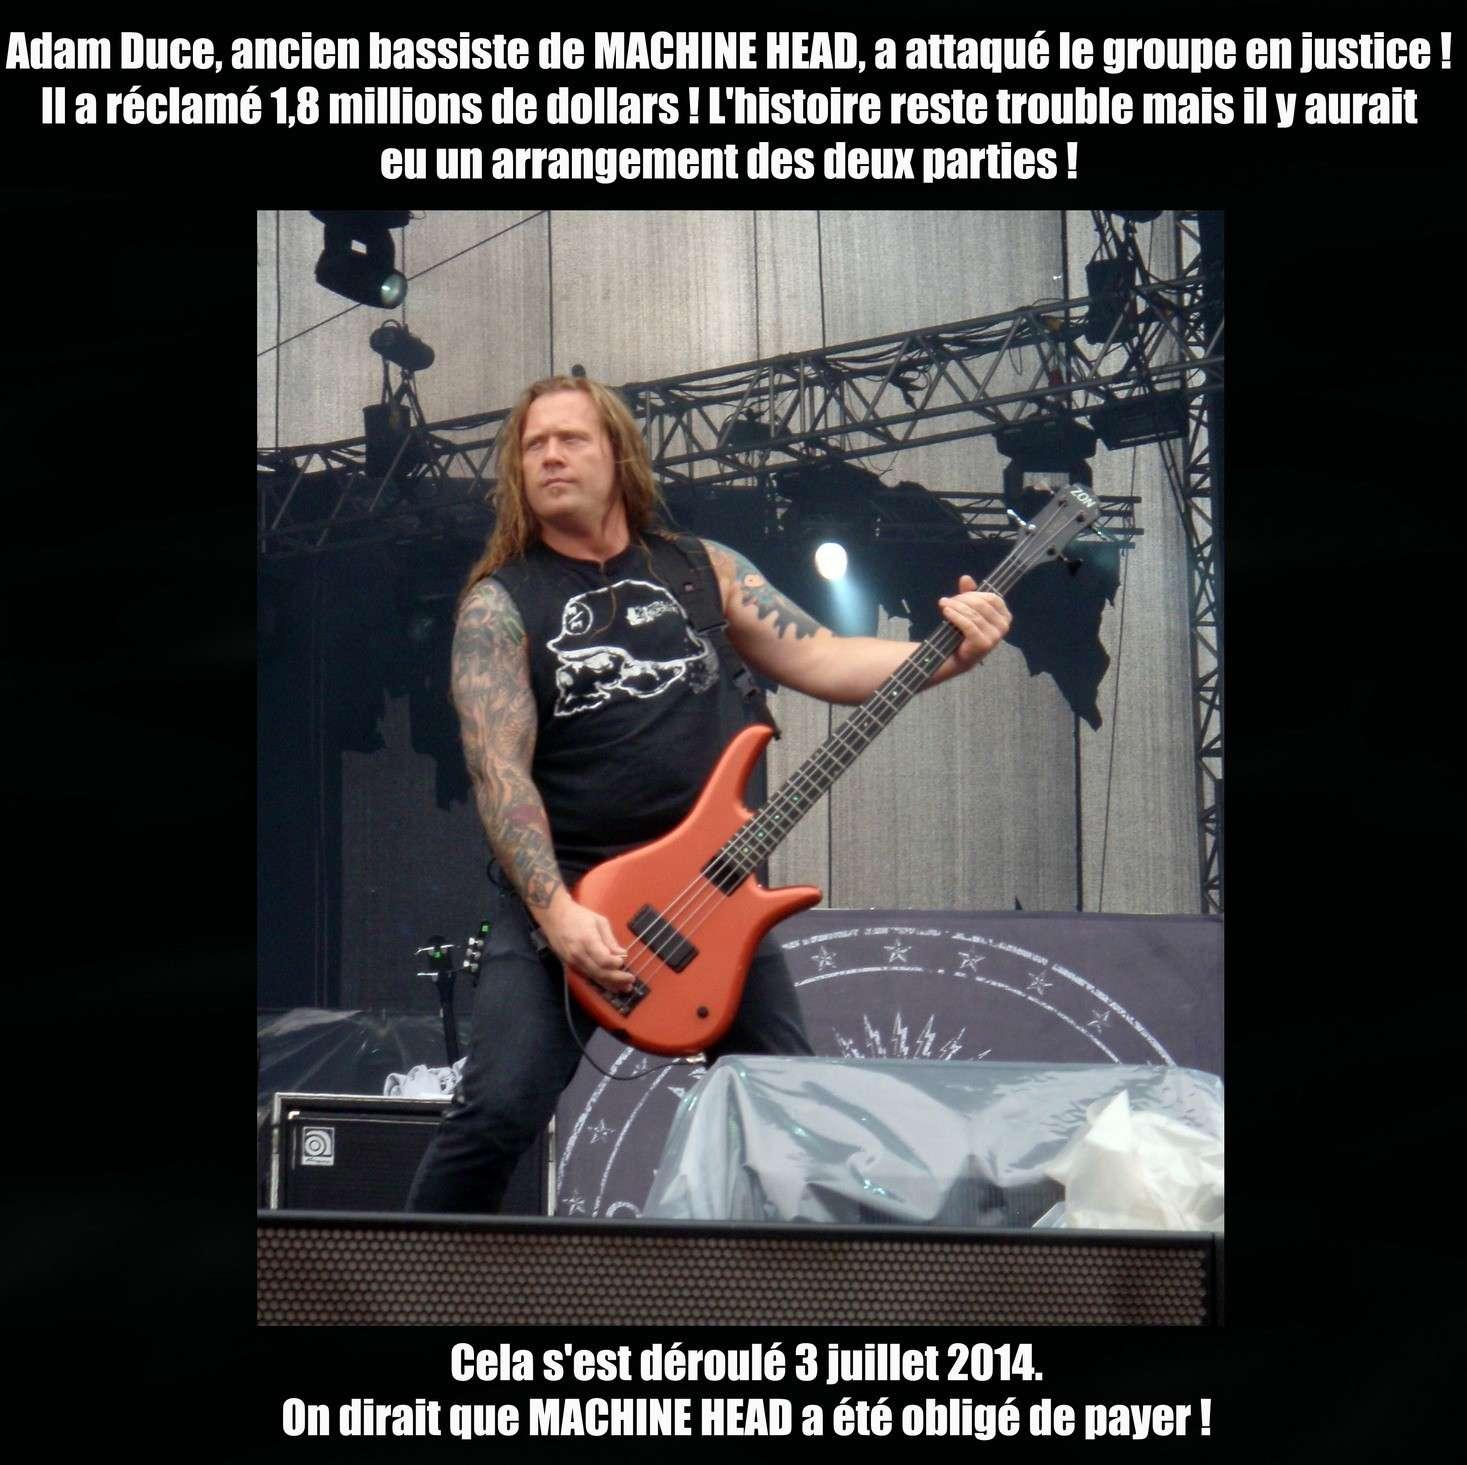 Les NEWS du METAL en VRAC ... - Page 6 Adam_d10